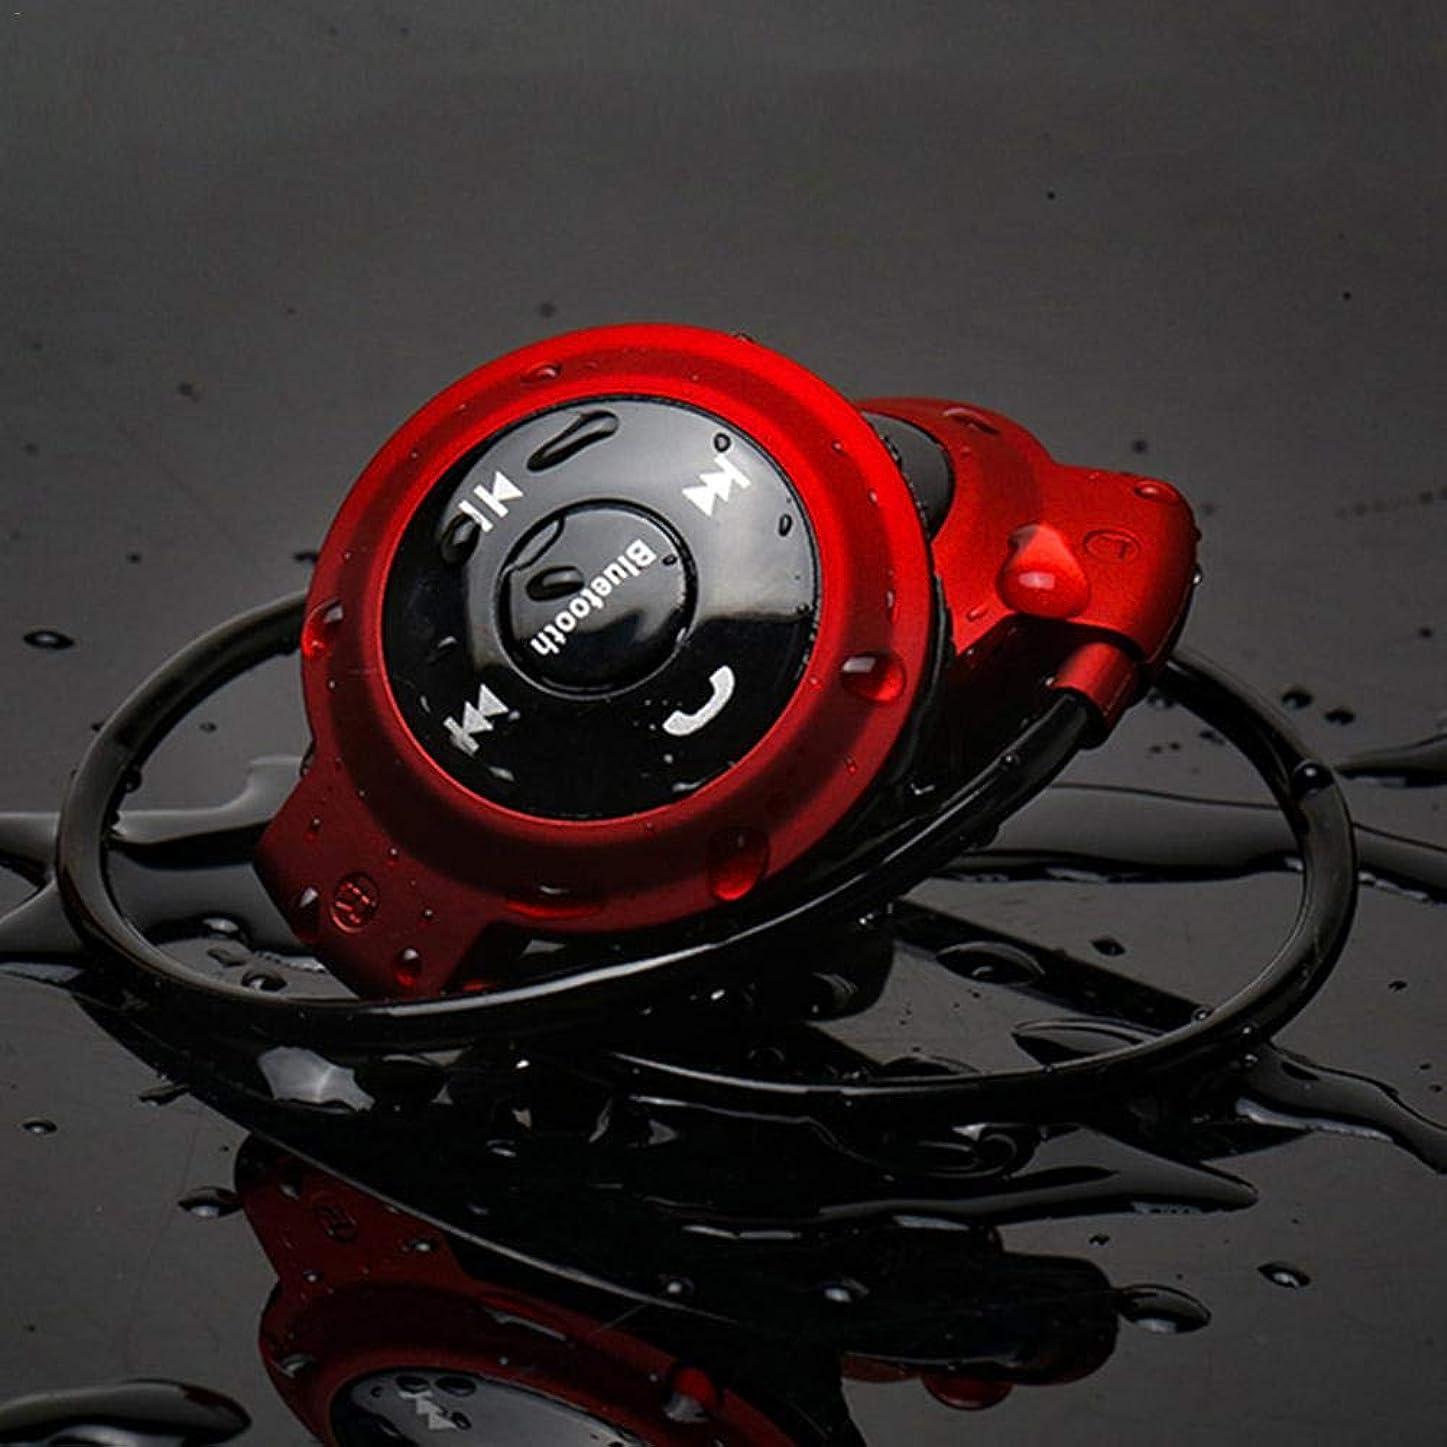 委任する役職ターゲットスリーインワン Bluetoothヘッドセット FM ワイヤレススポーツヘッドホン ミニ503ハンズフリーMP3ワイヤレススポーツヘッドセットステレオ FMラジオ TFカード付き